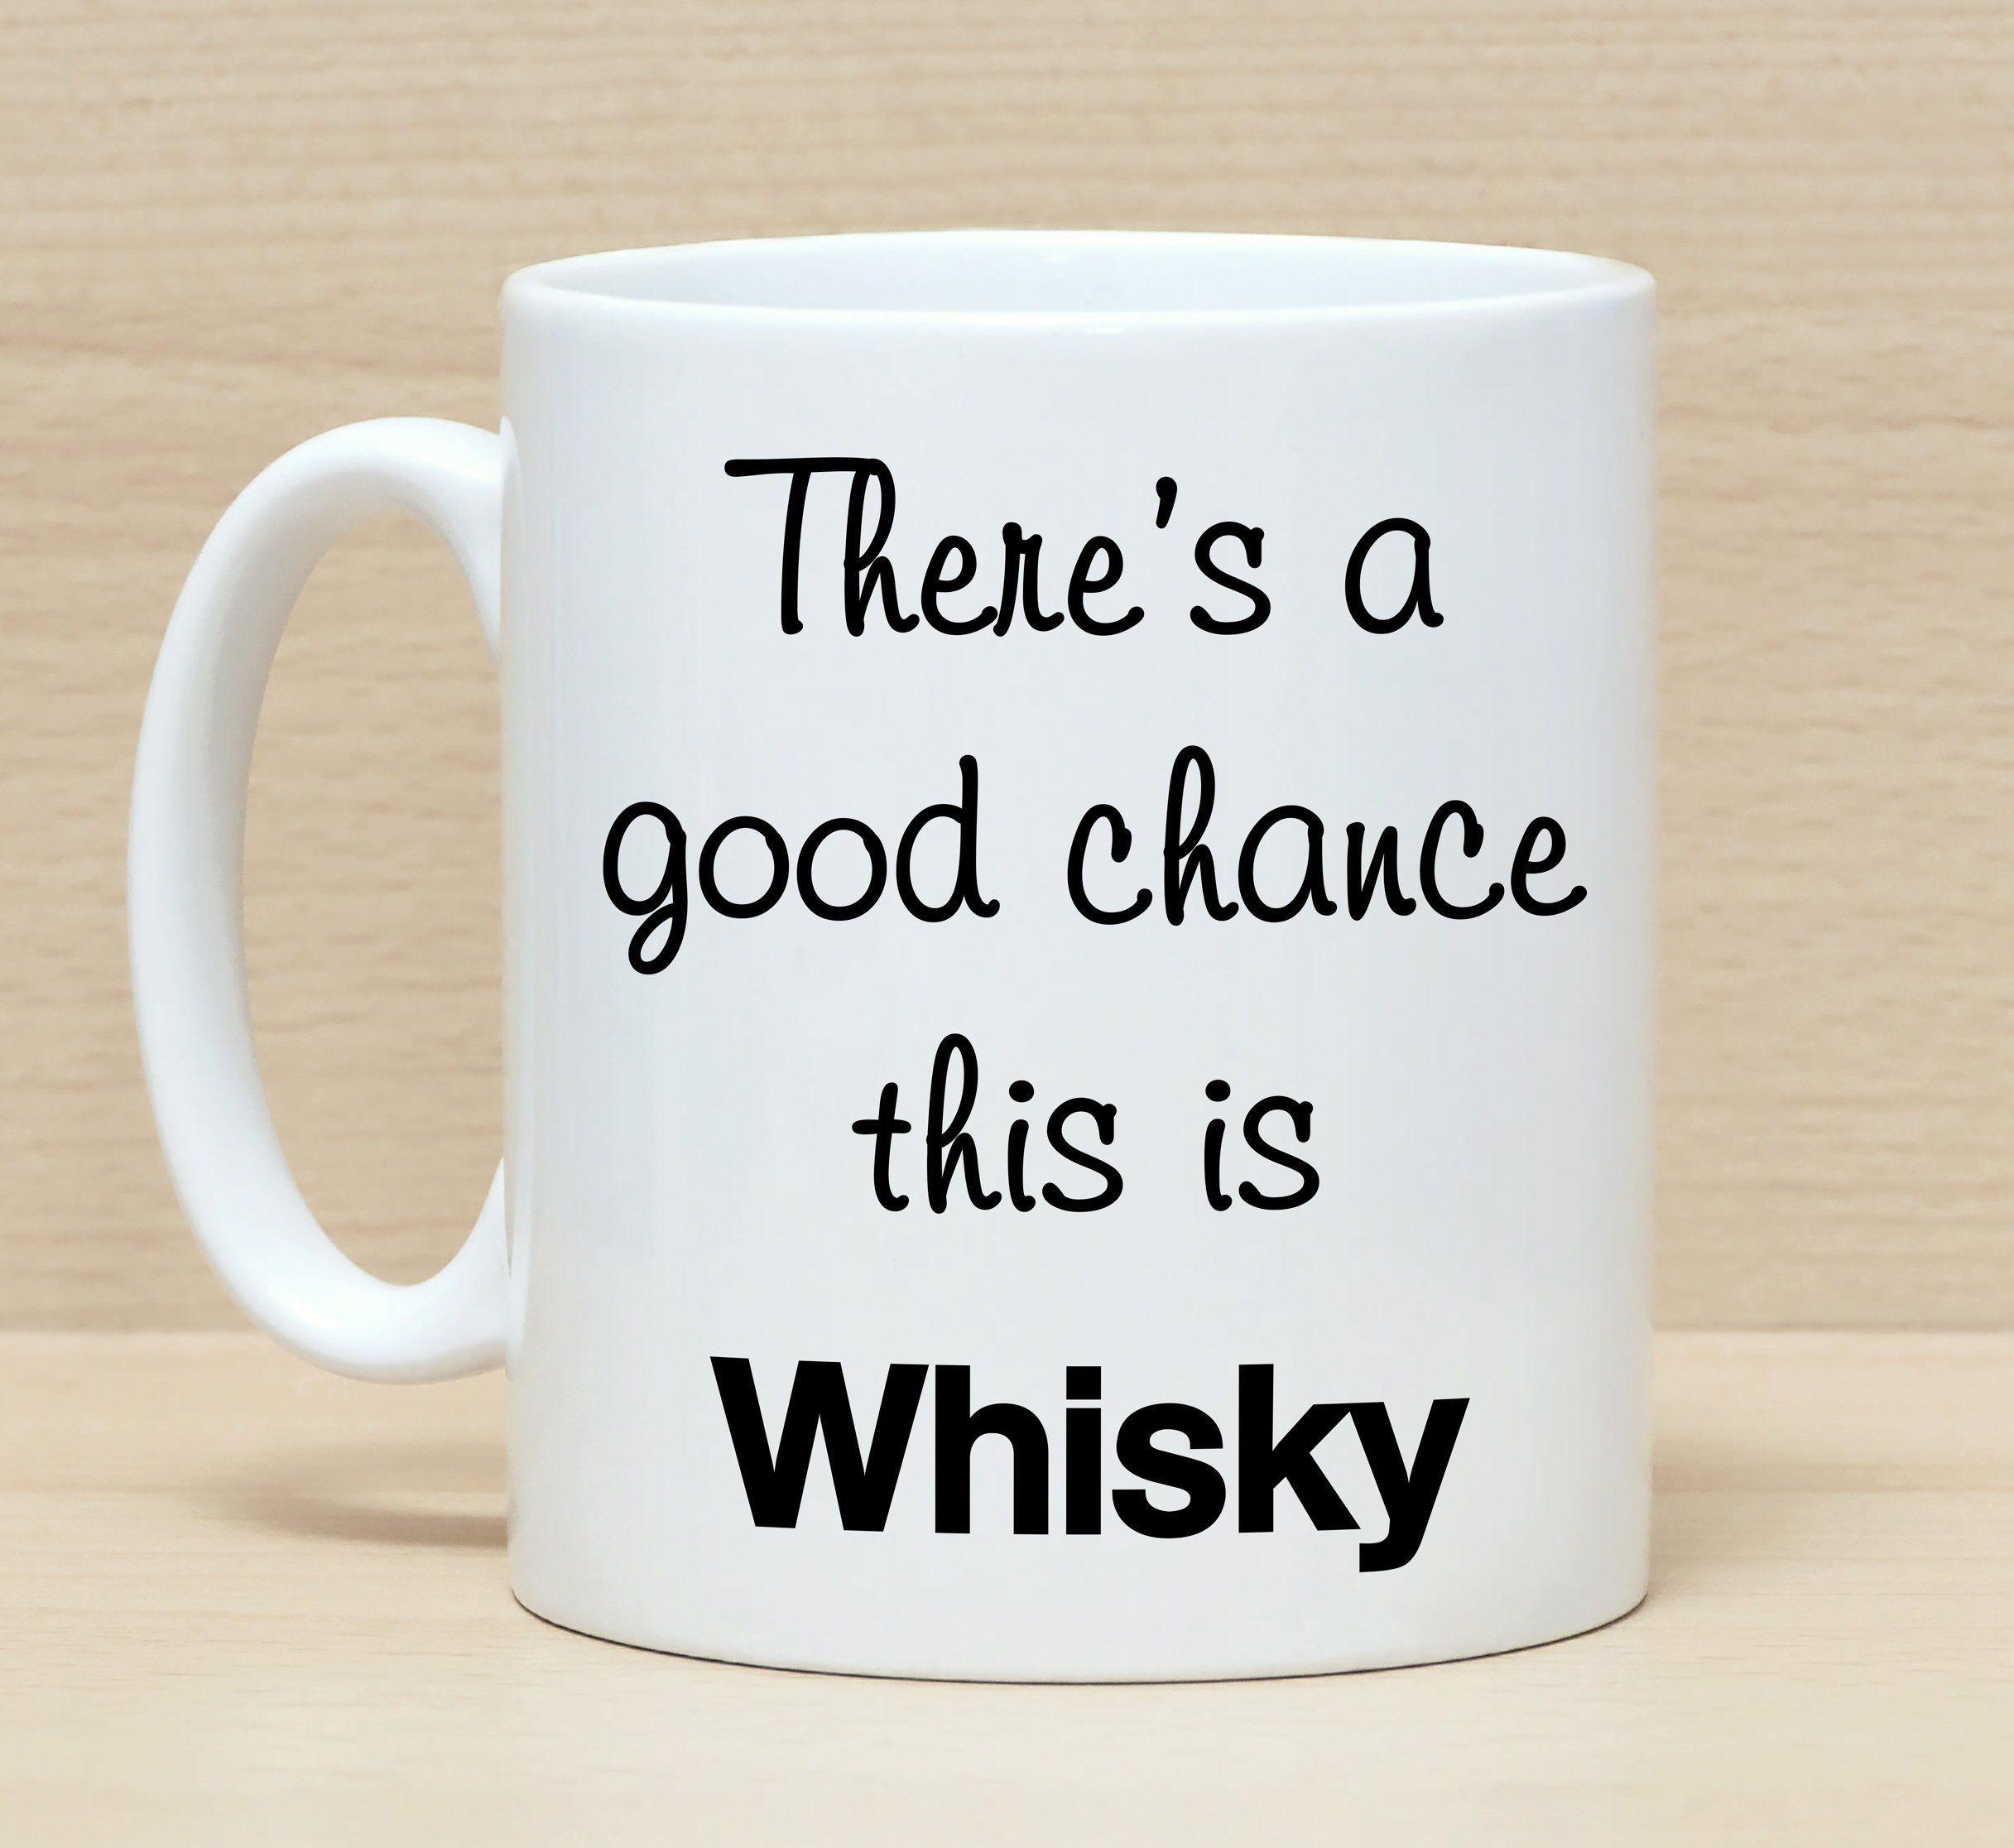 Mug With Sayings Funny Mugs Whisky Mug Mug Gift Birthday Mug Funny Coffee Mugs Mug For Men Mug For Women Drinking Gift B Mugs For Men Mugs Funny Mugs